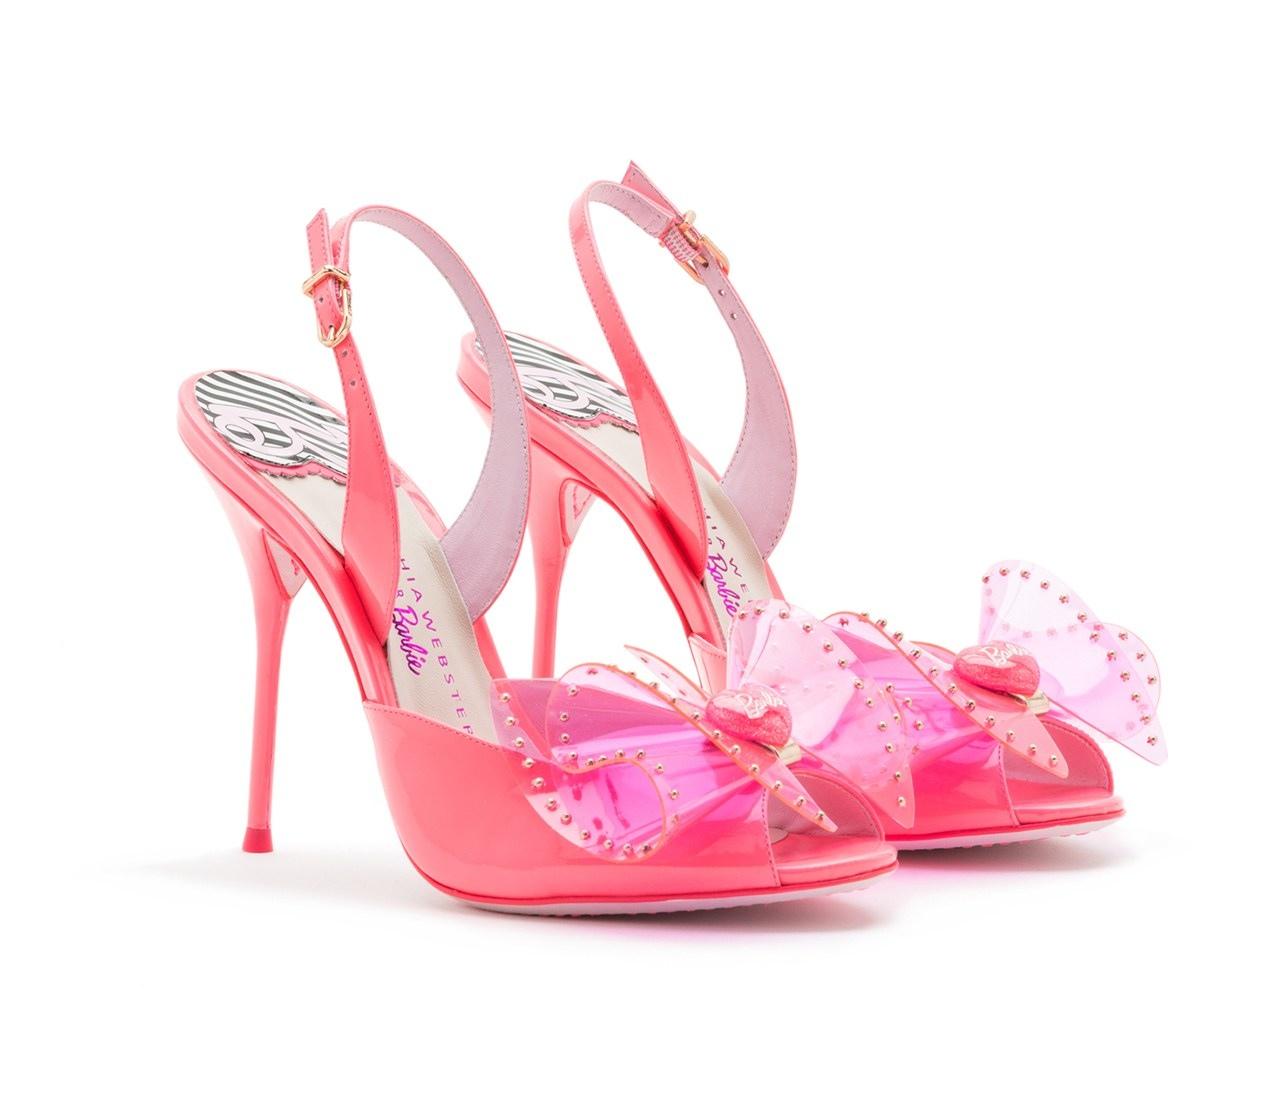 Barbie Pink Heels